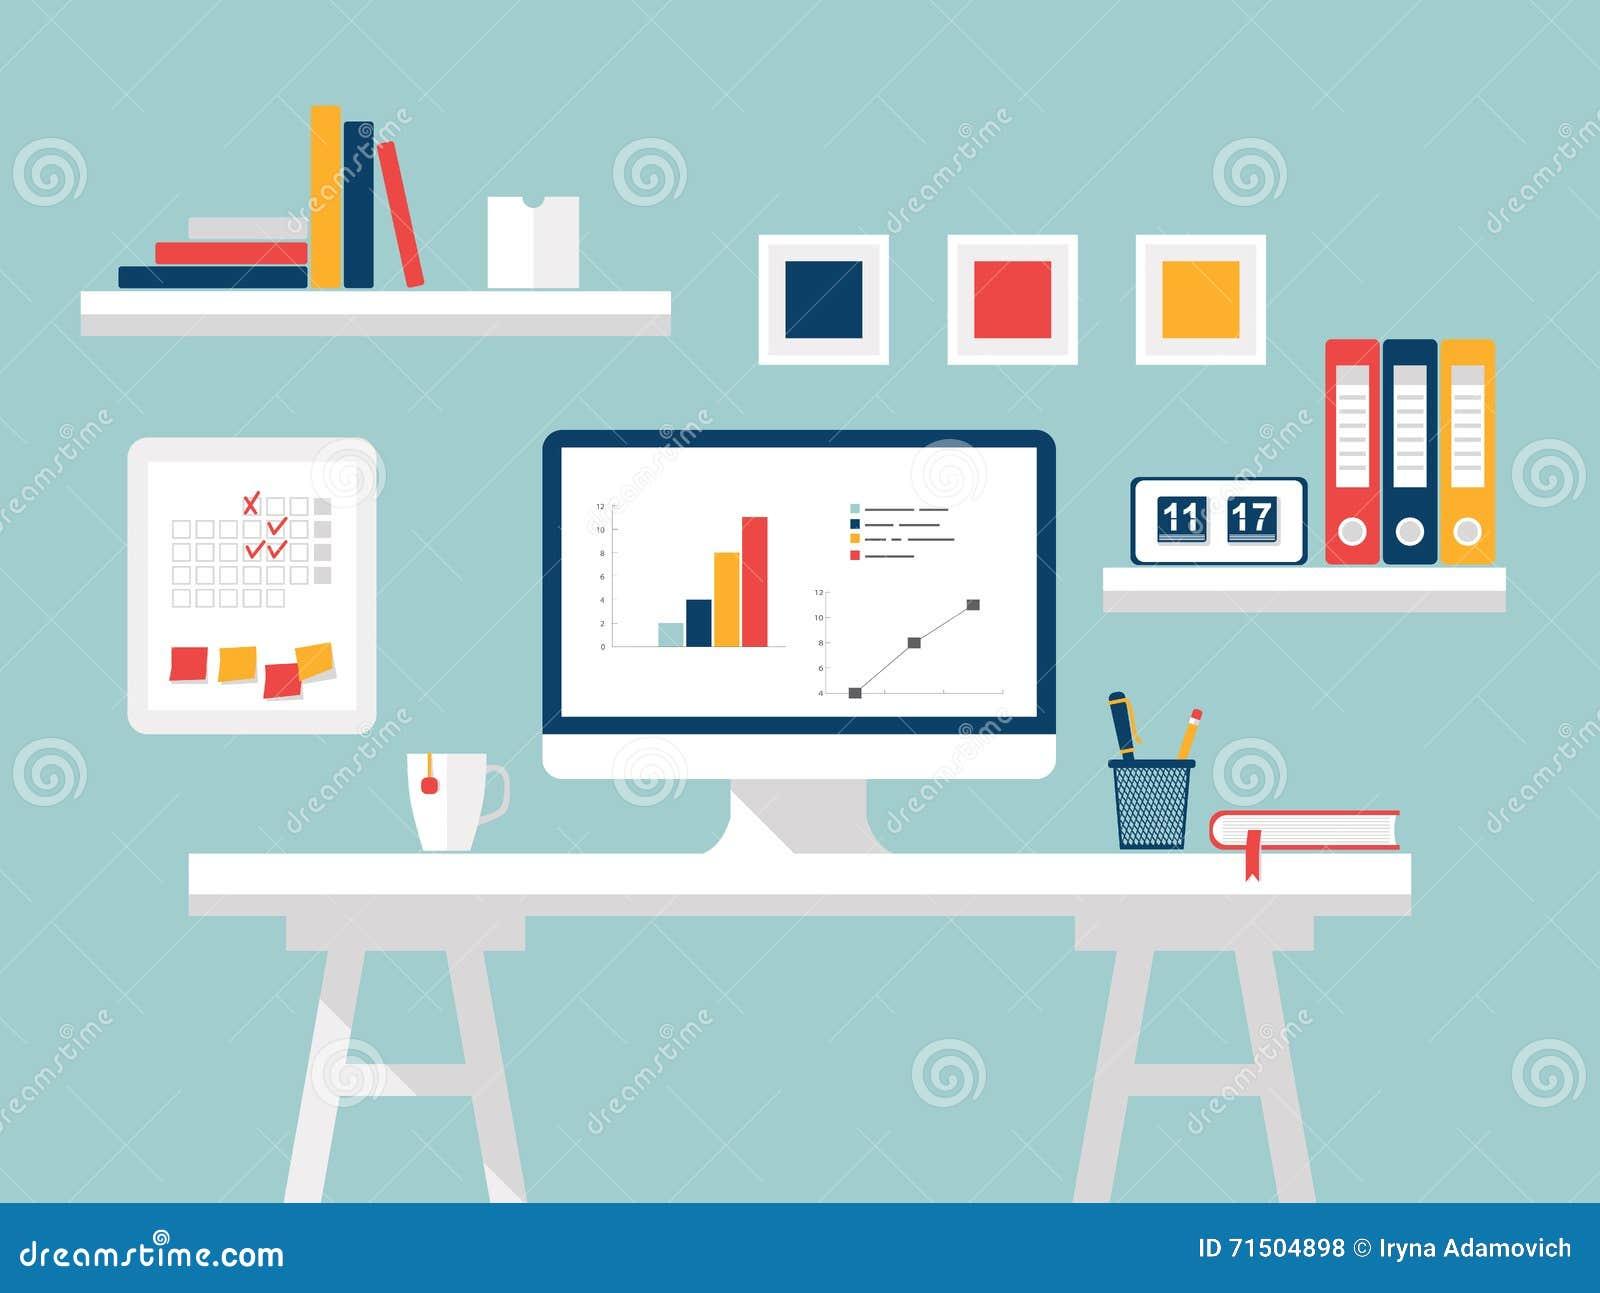 Computer Im Weissen Hintergrund Flache Designvektorillustration Des